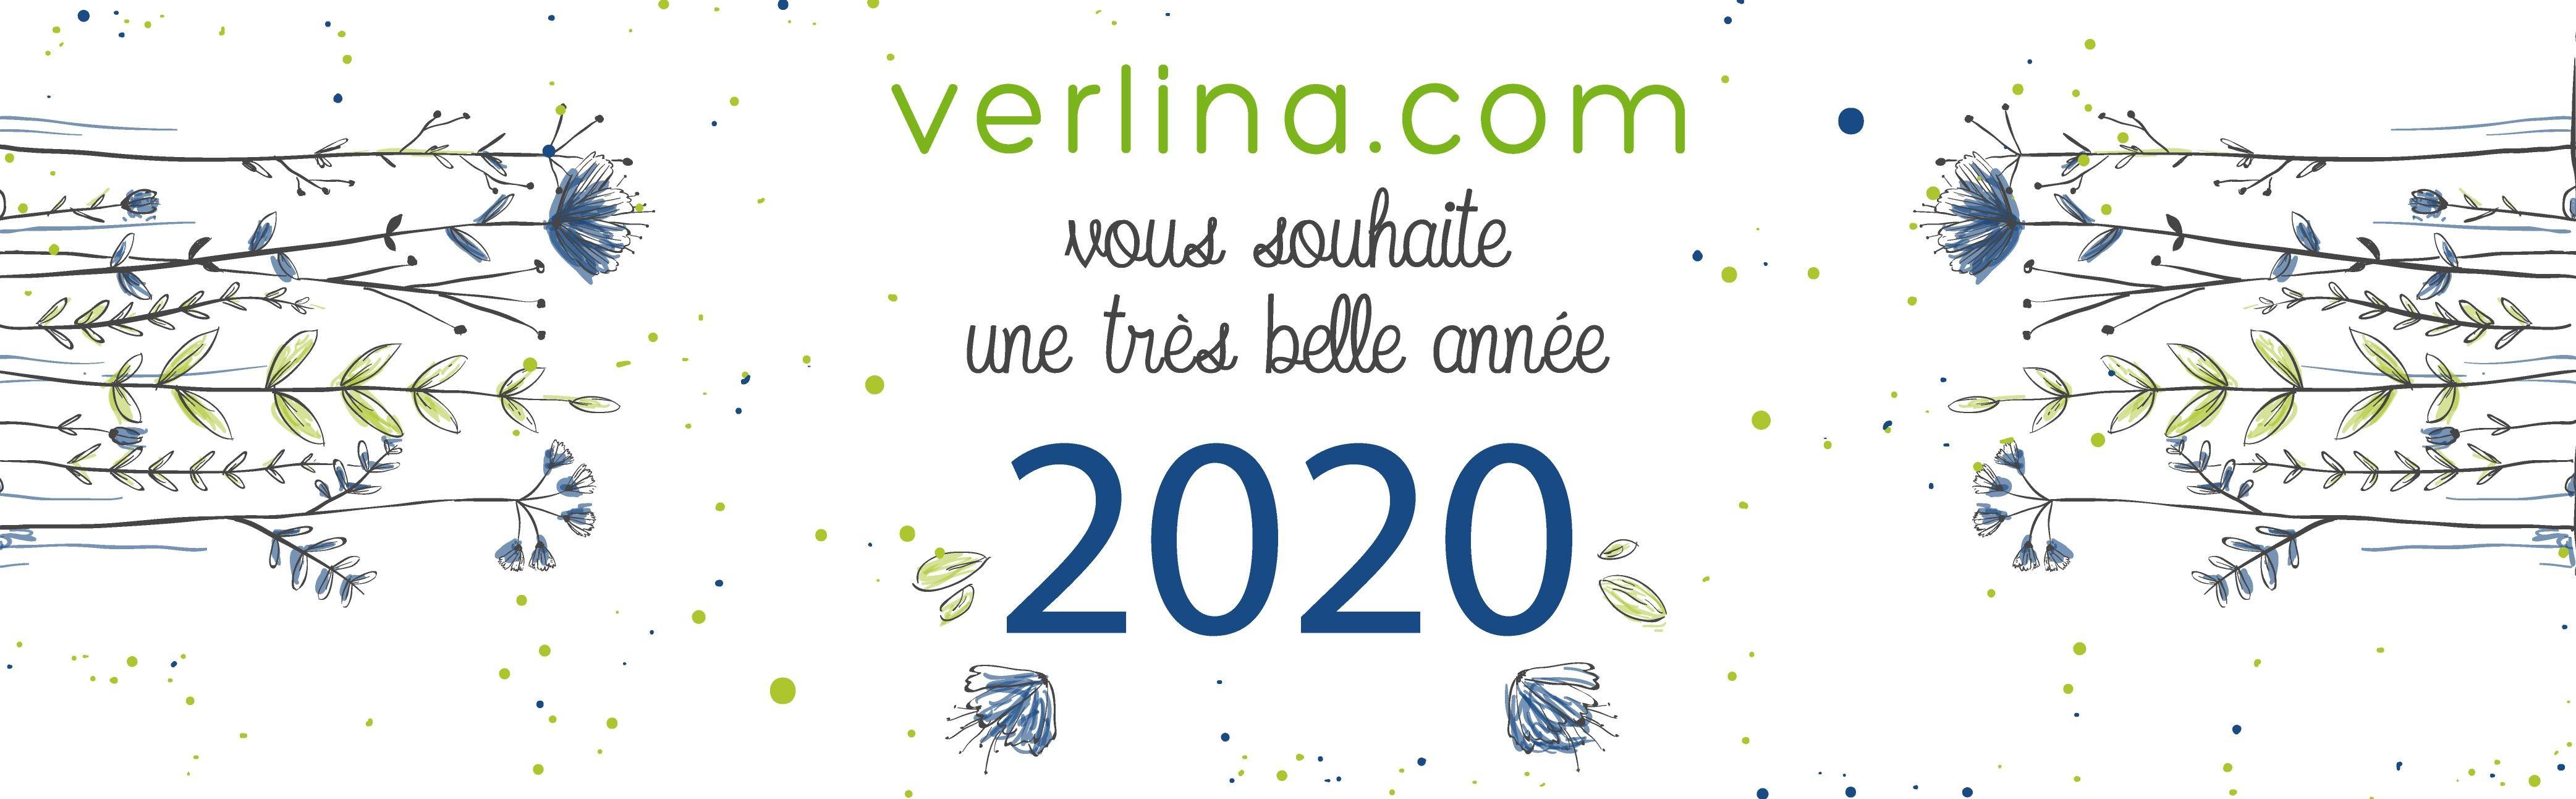 Verlina vous souhaite une très belle année 2020